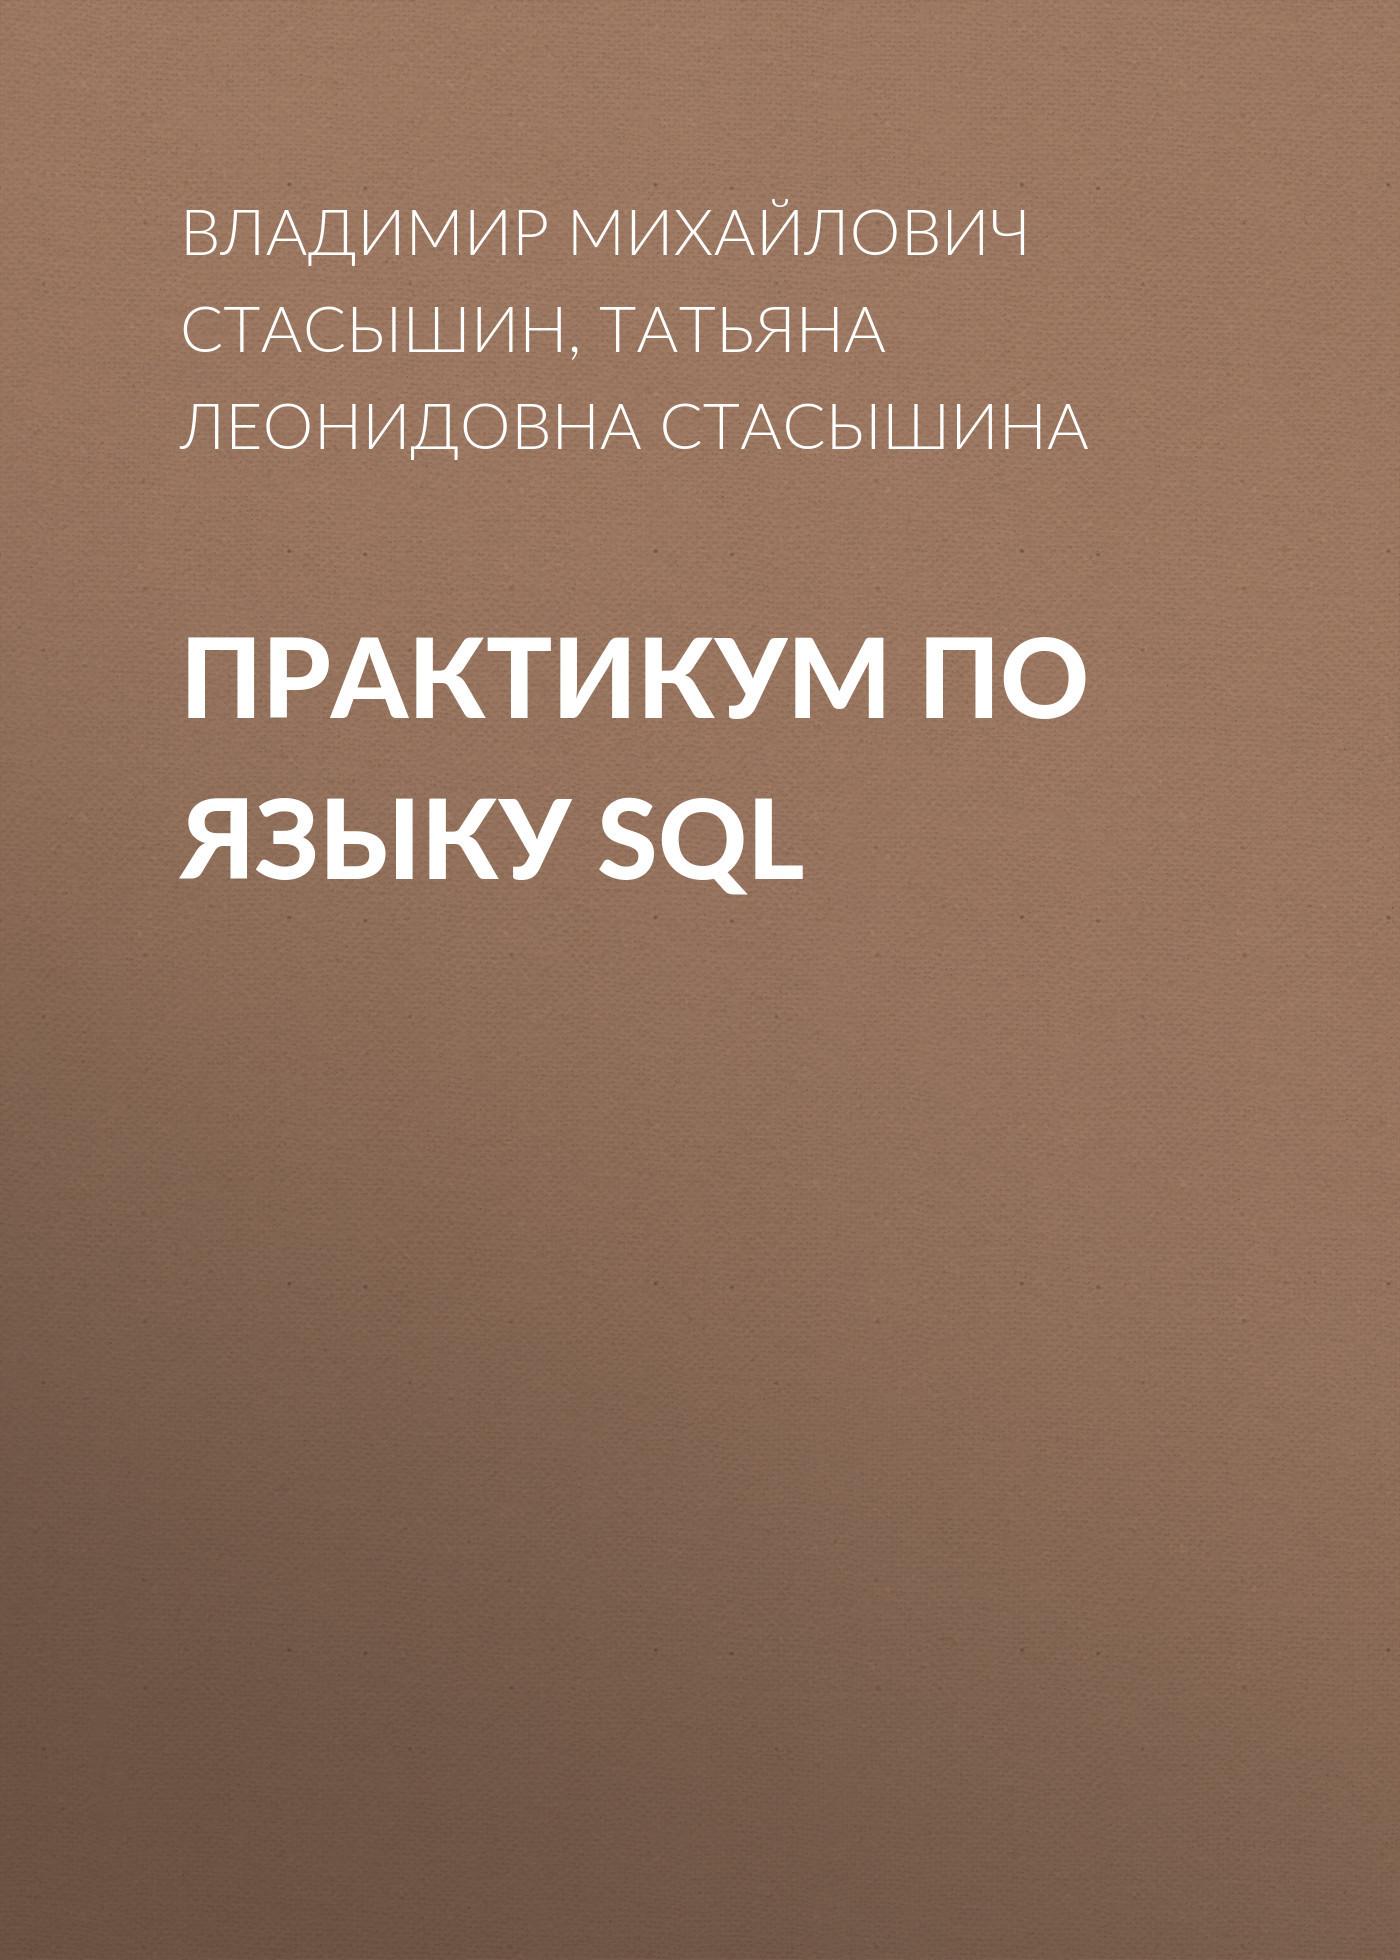 Татьяна Леонидовна Стасышина Практикум по языку SQL